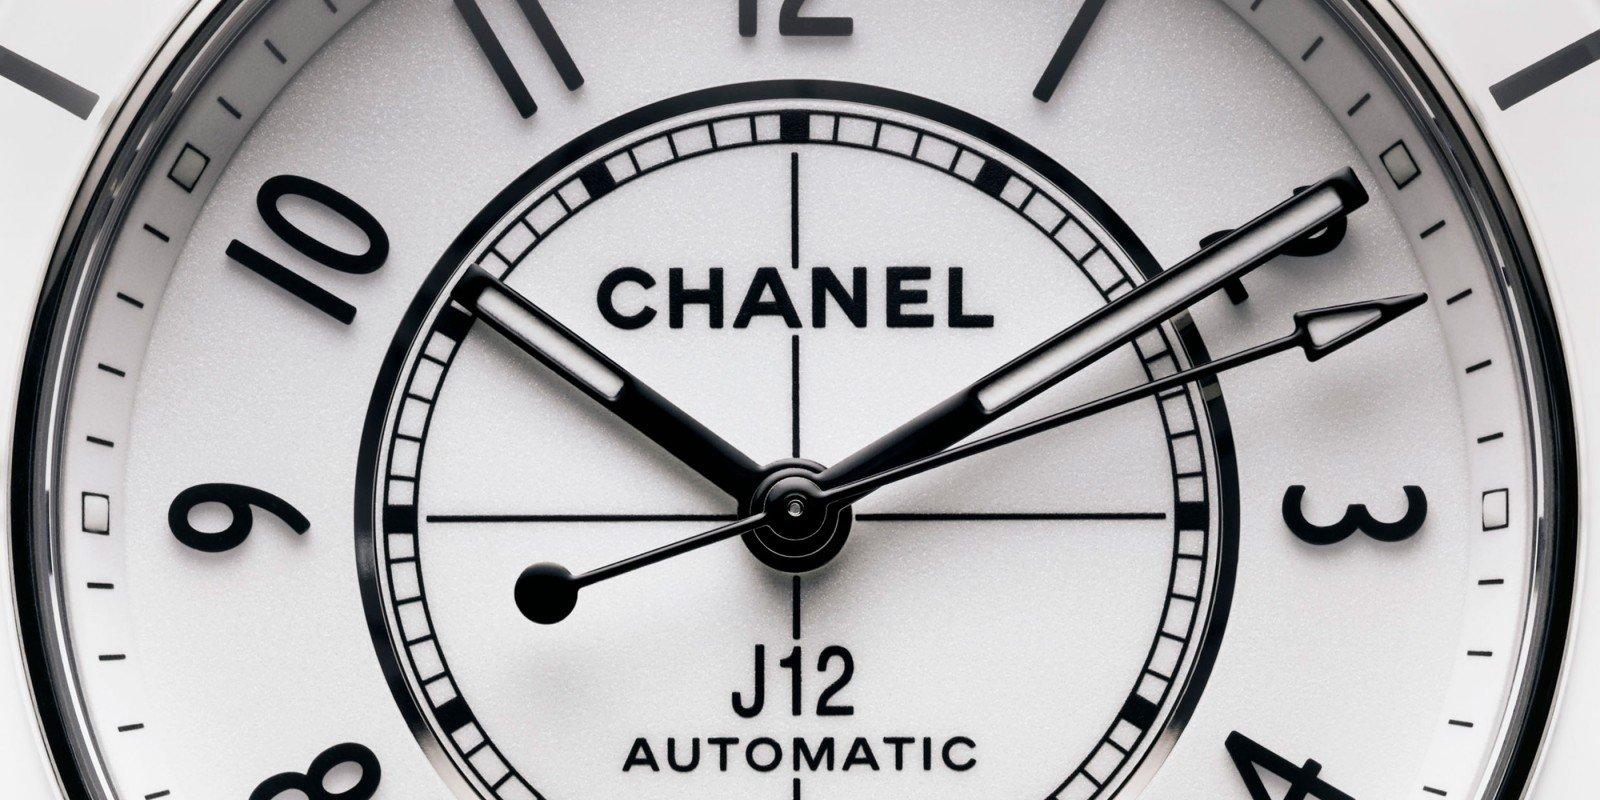 Nuevo J12 de Chanel, la actualización de un icono